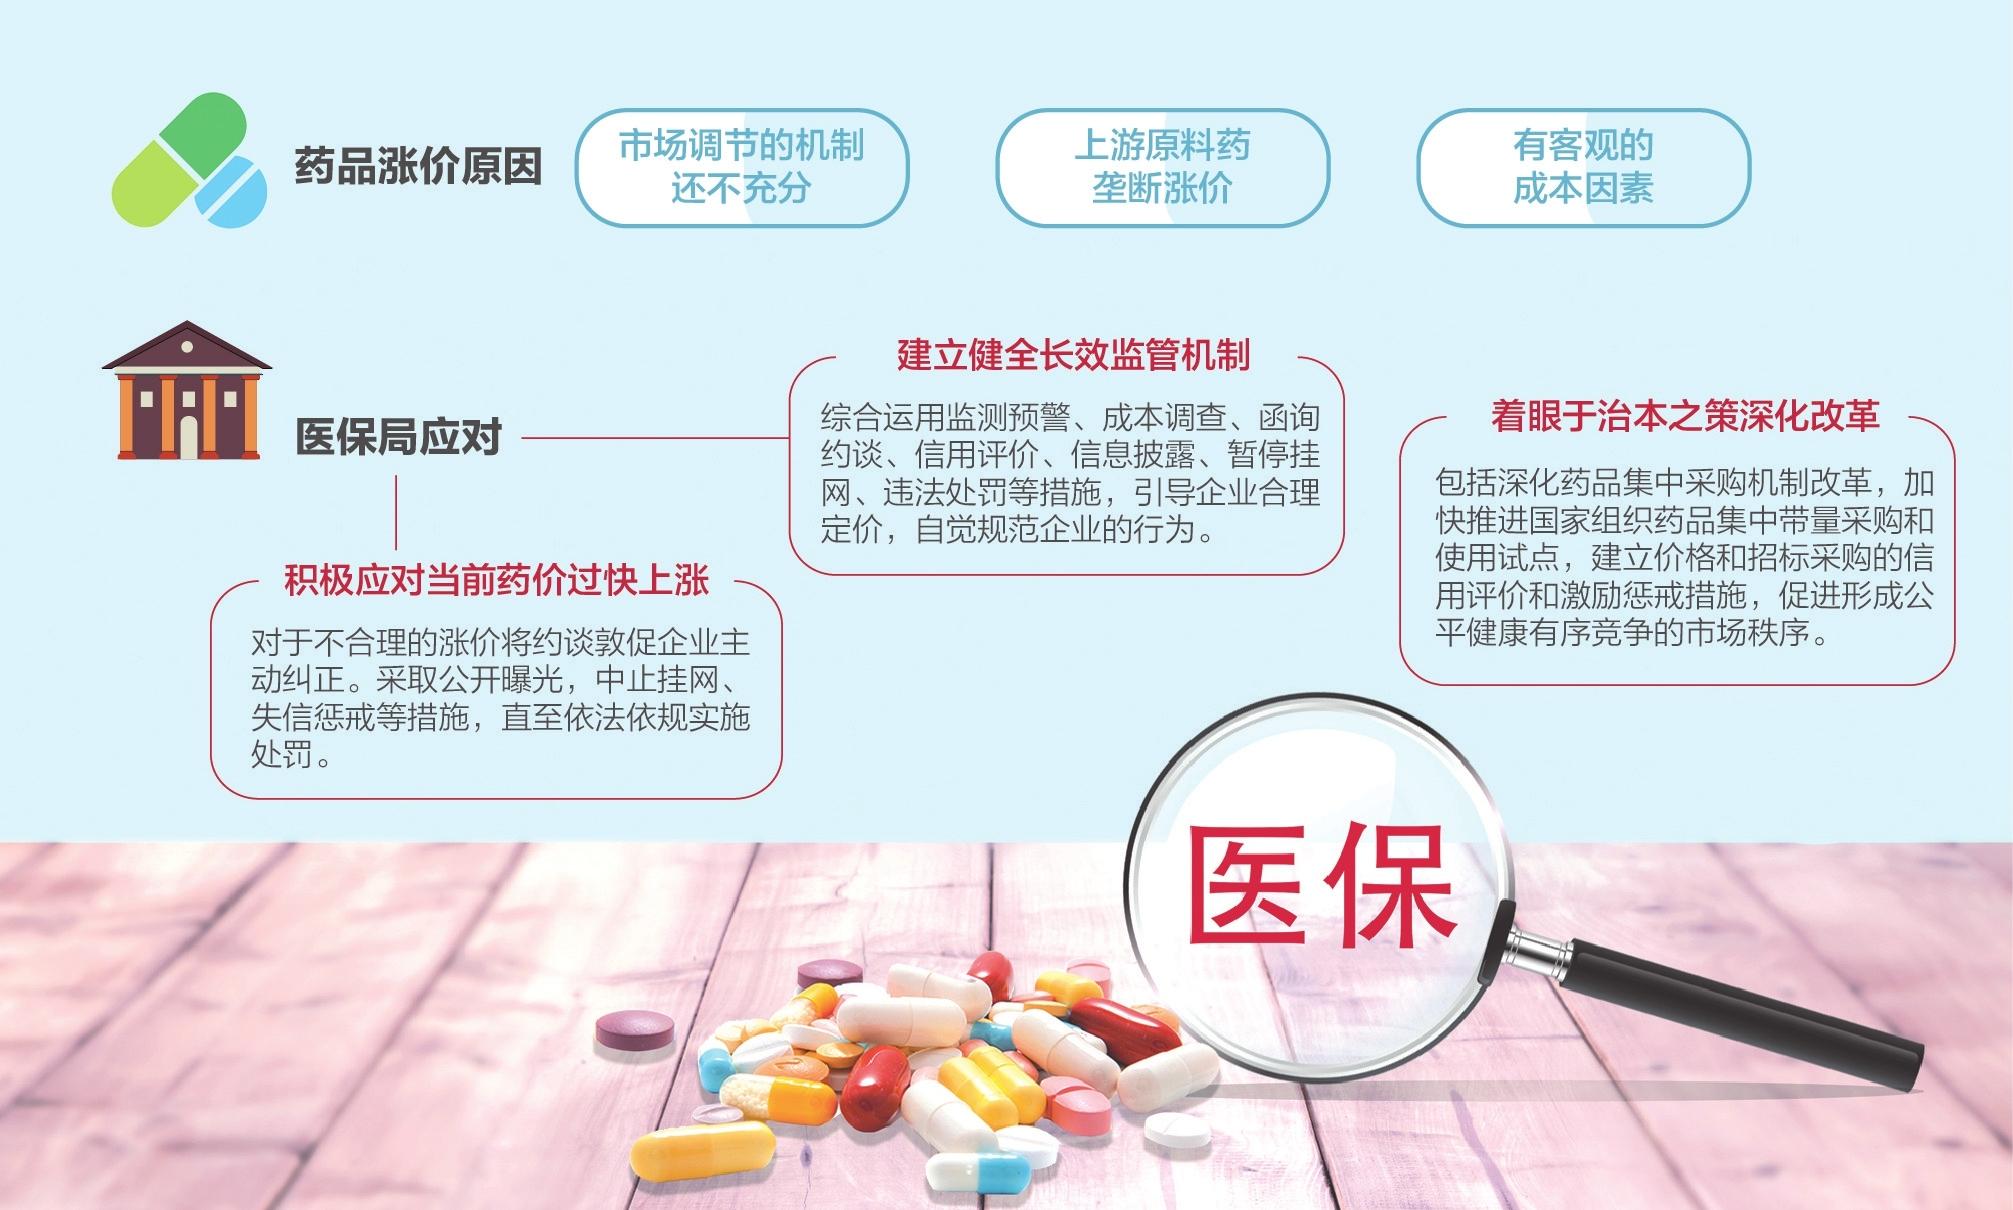 3200种常用药品中200多种涨幅较大